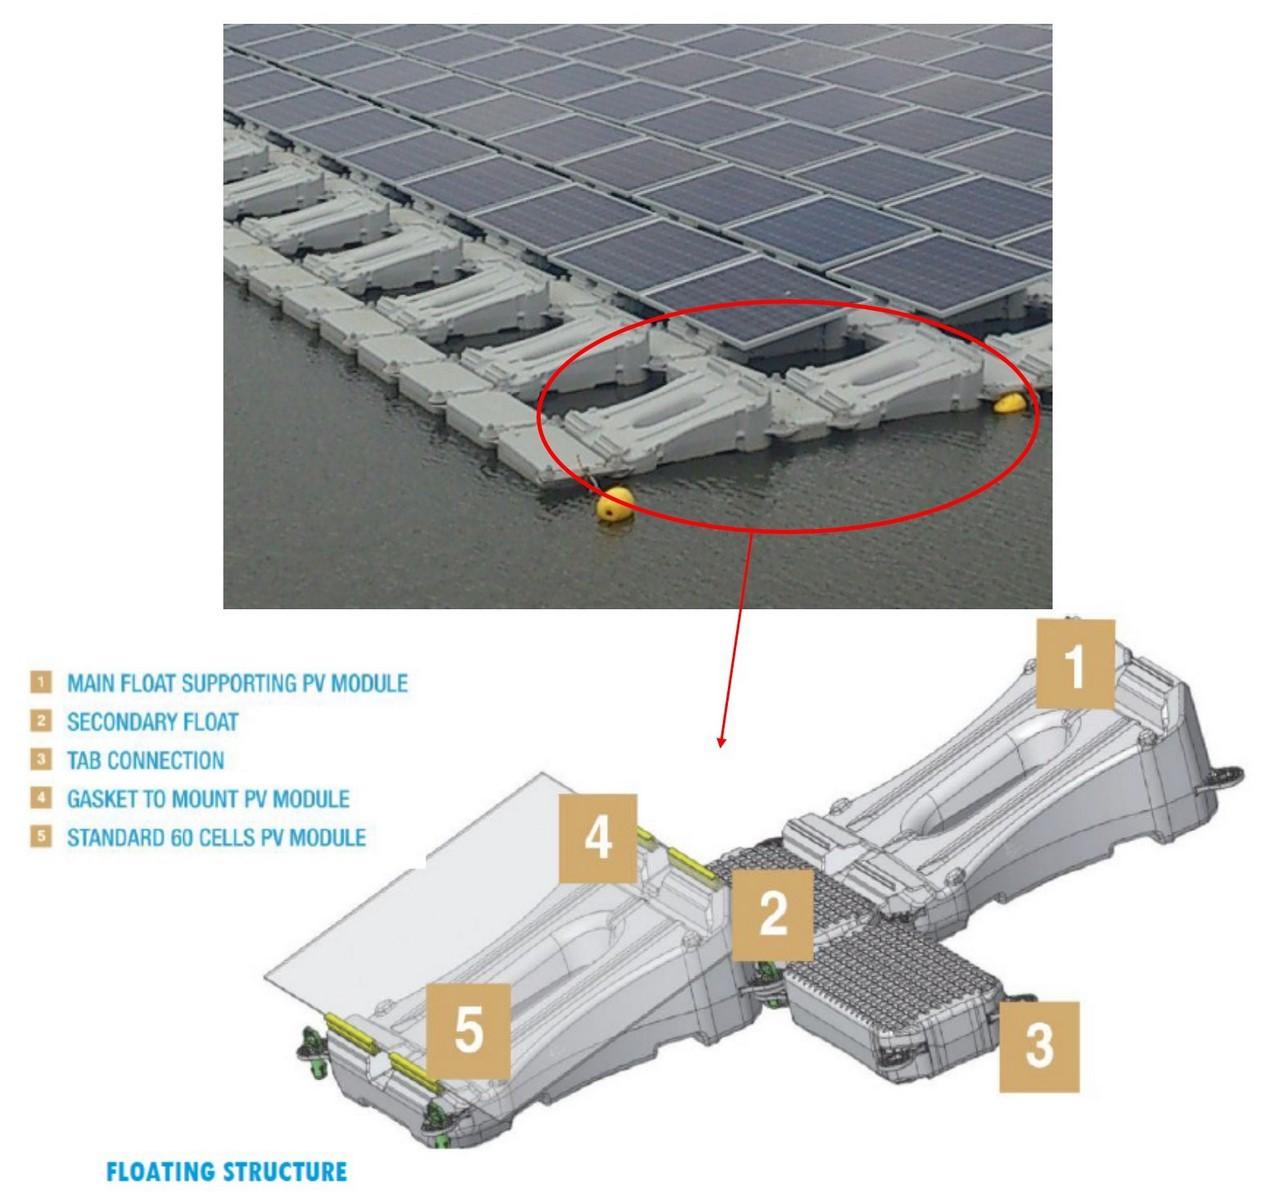 Японцы завершили строительство крупнейшей в мире плавучей солнечной электростанции - 6